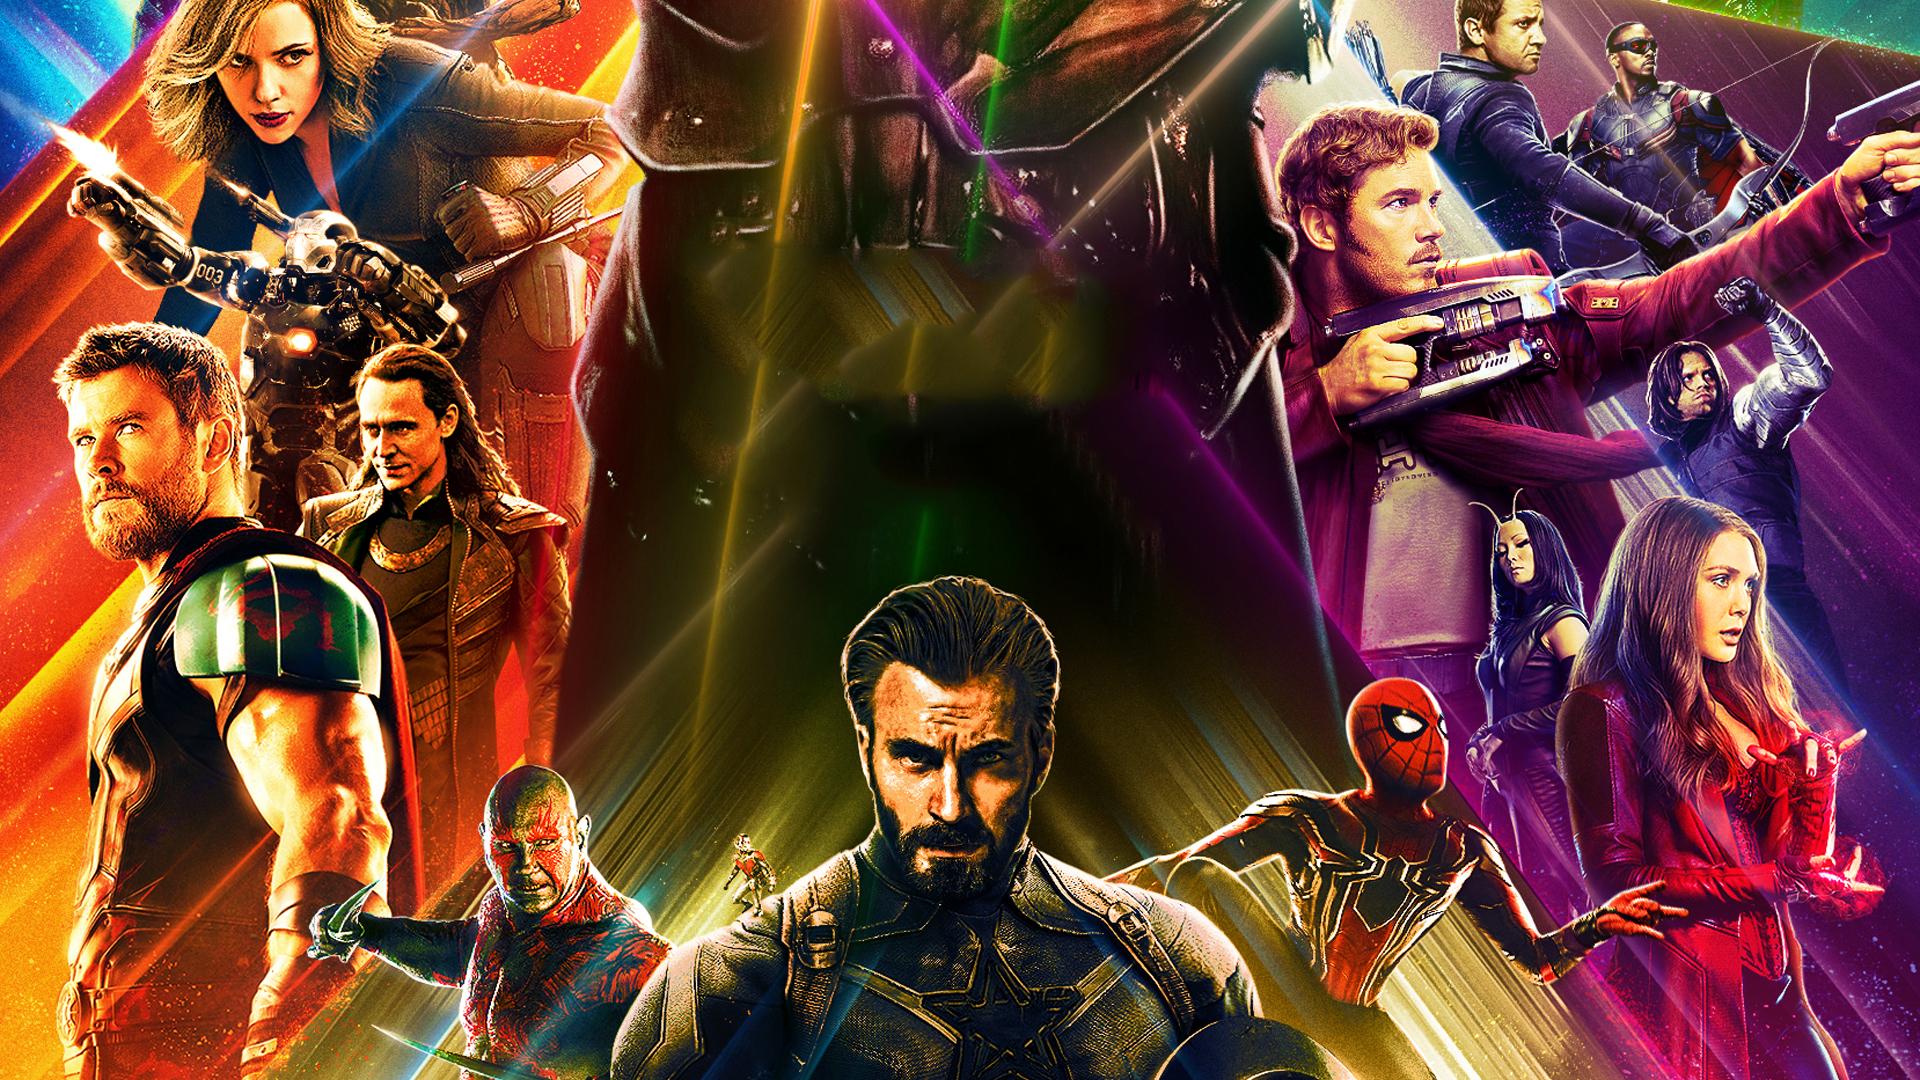 1920x1080 Avengers Infinity War Artwork 2018 HD Laptop ...